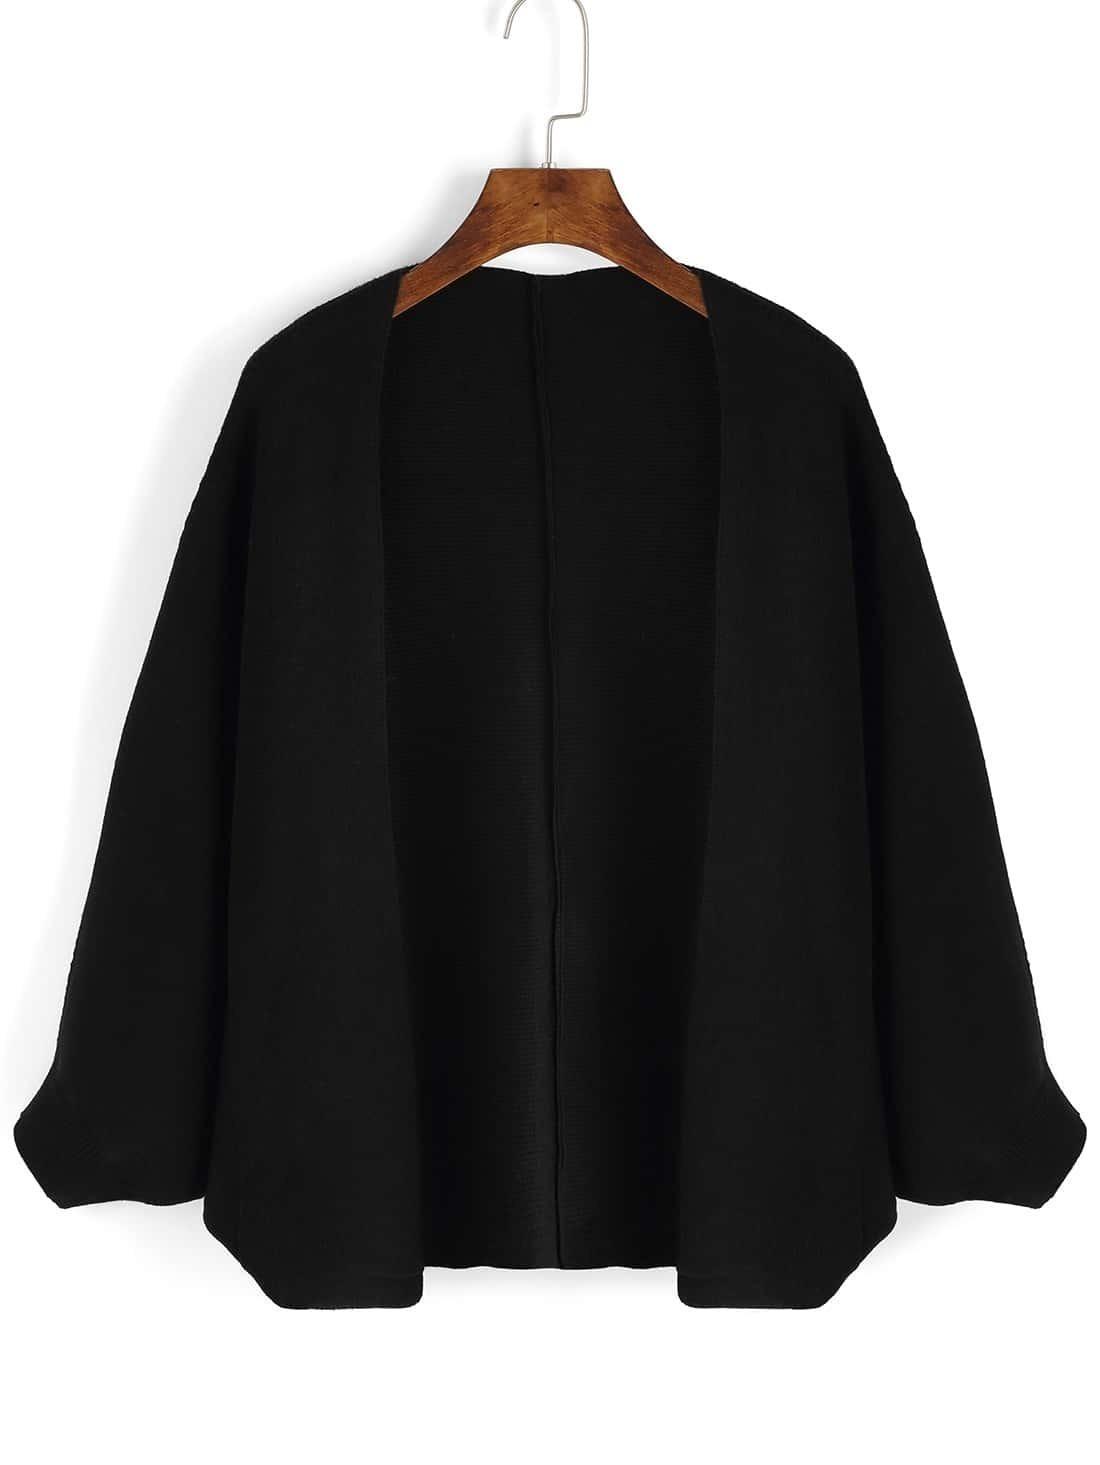 Women Bat Sleeve Black Coat